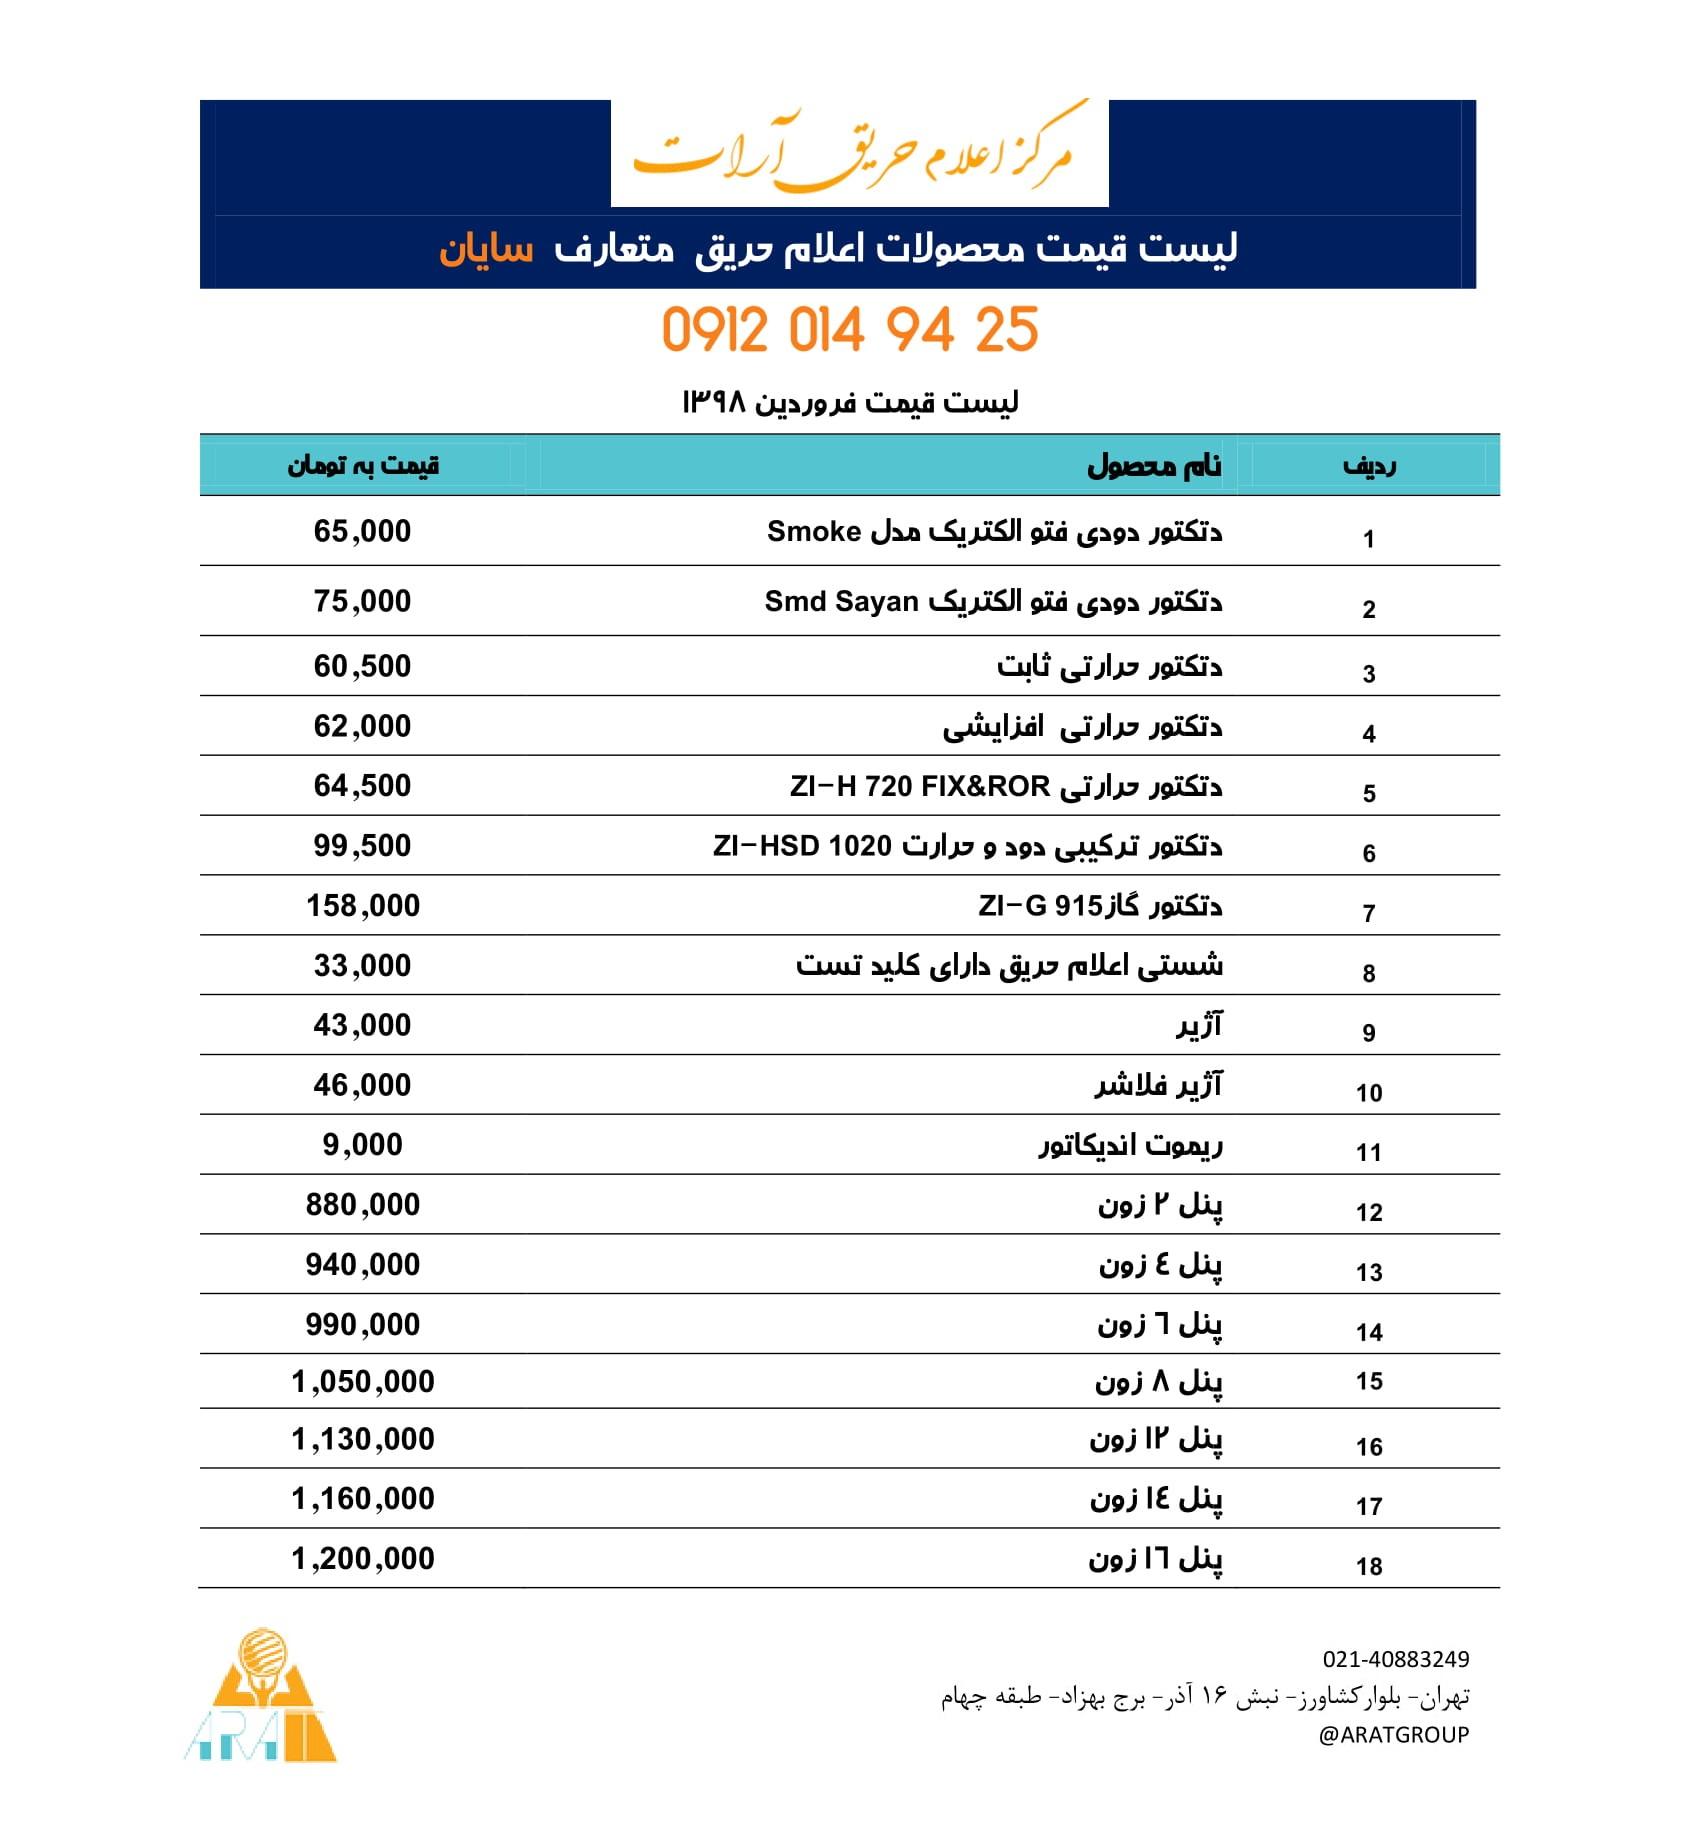 لیست قیمت اعلام حریق سایان